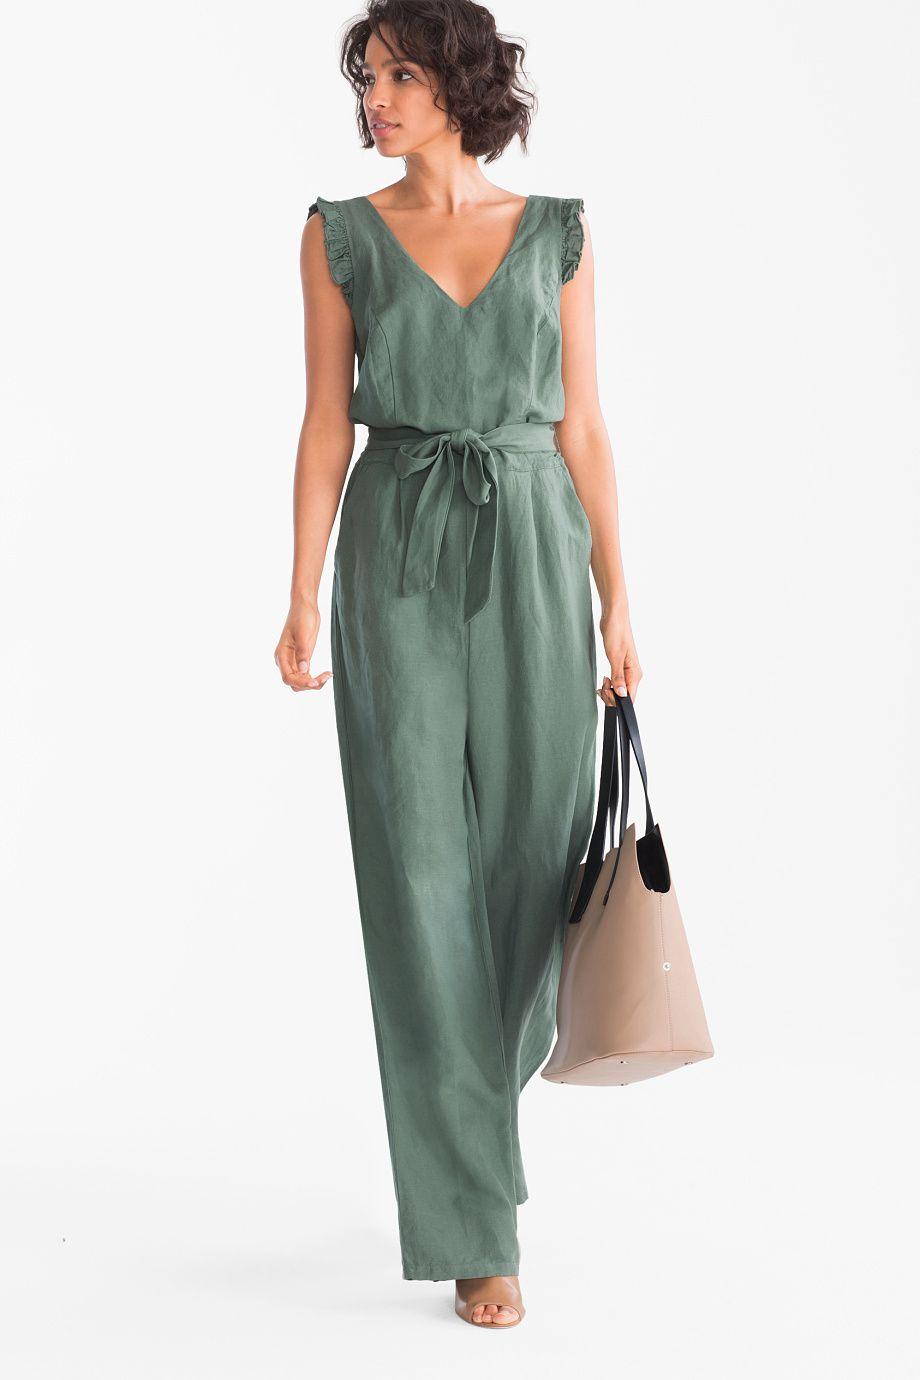 jumpsuit - linnenmix | c&a | pantalones de vestir mujer